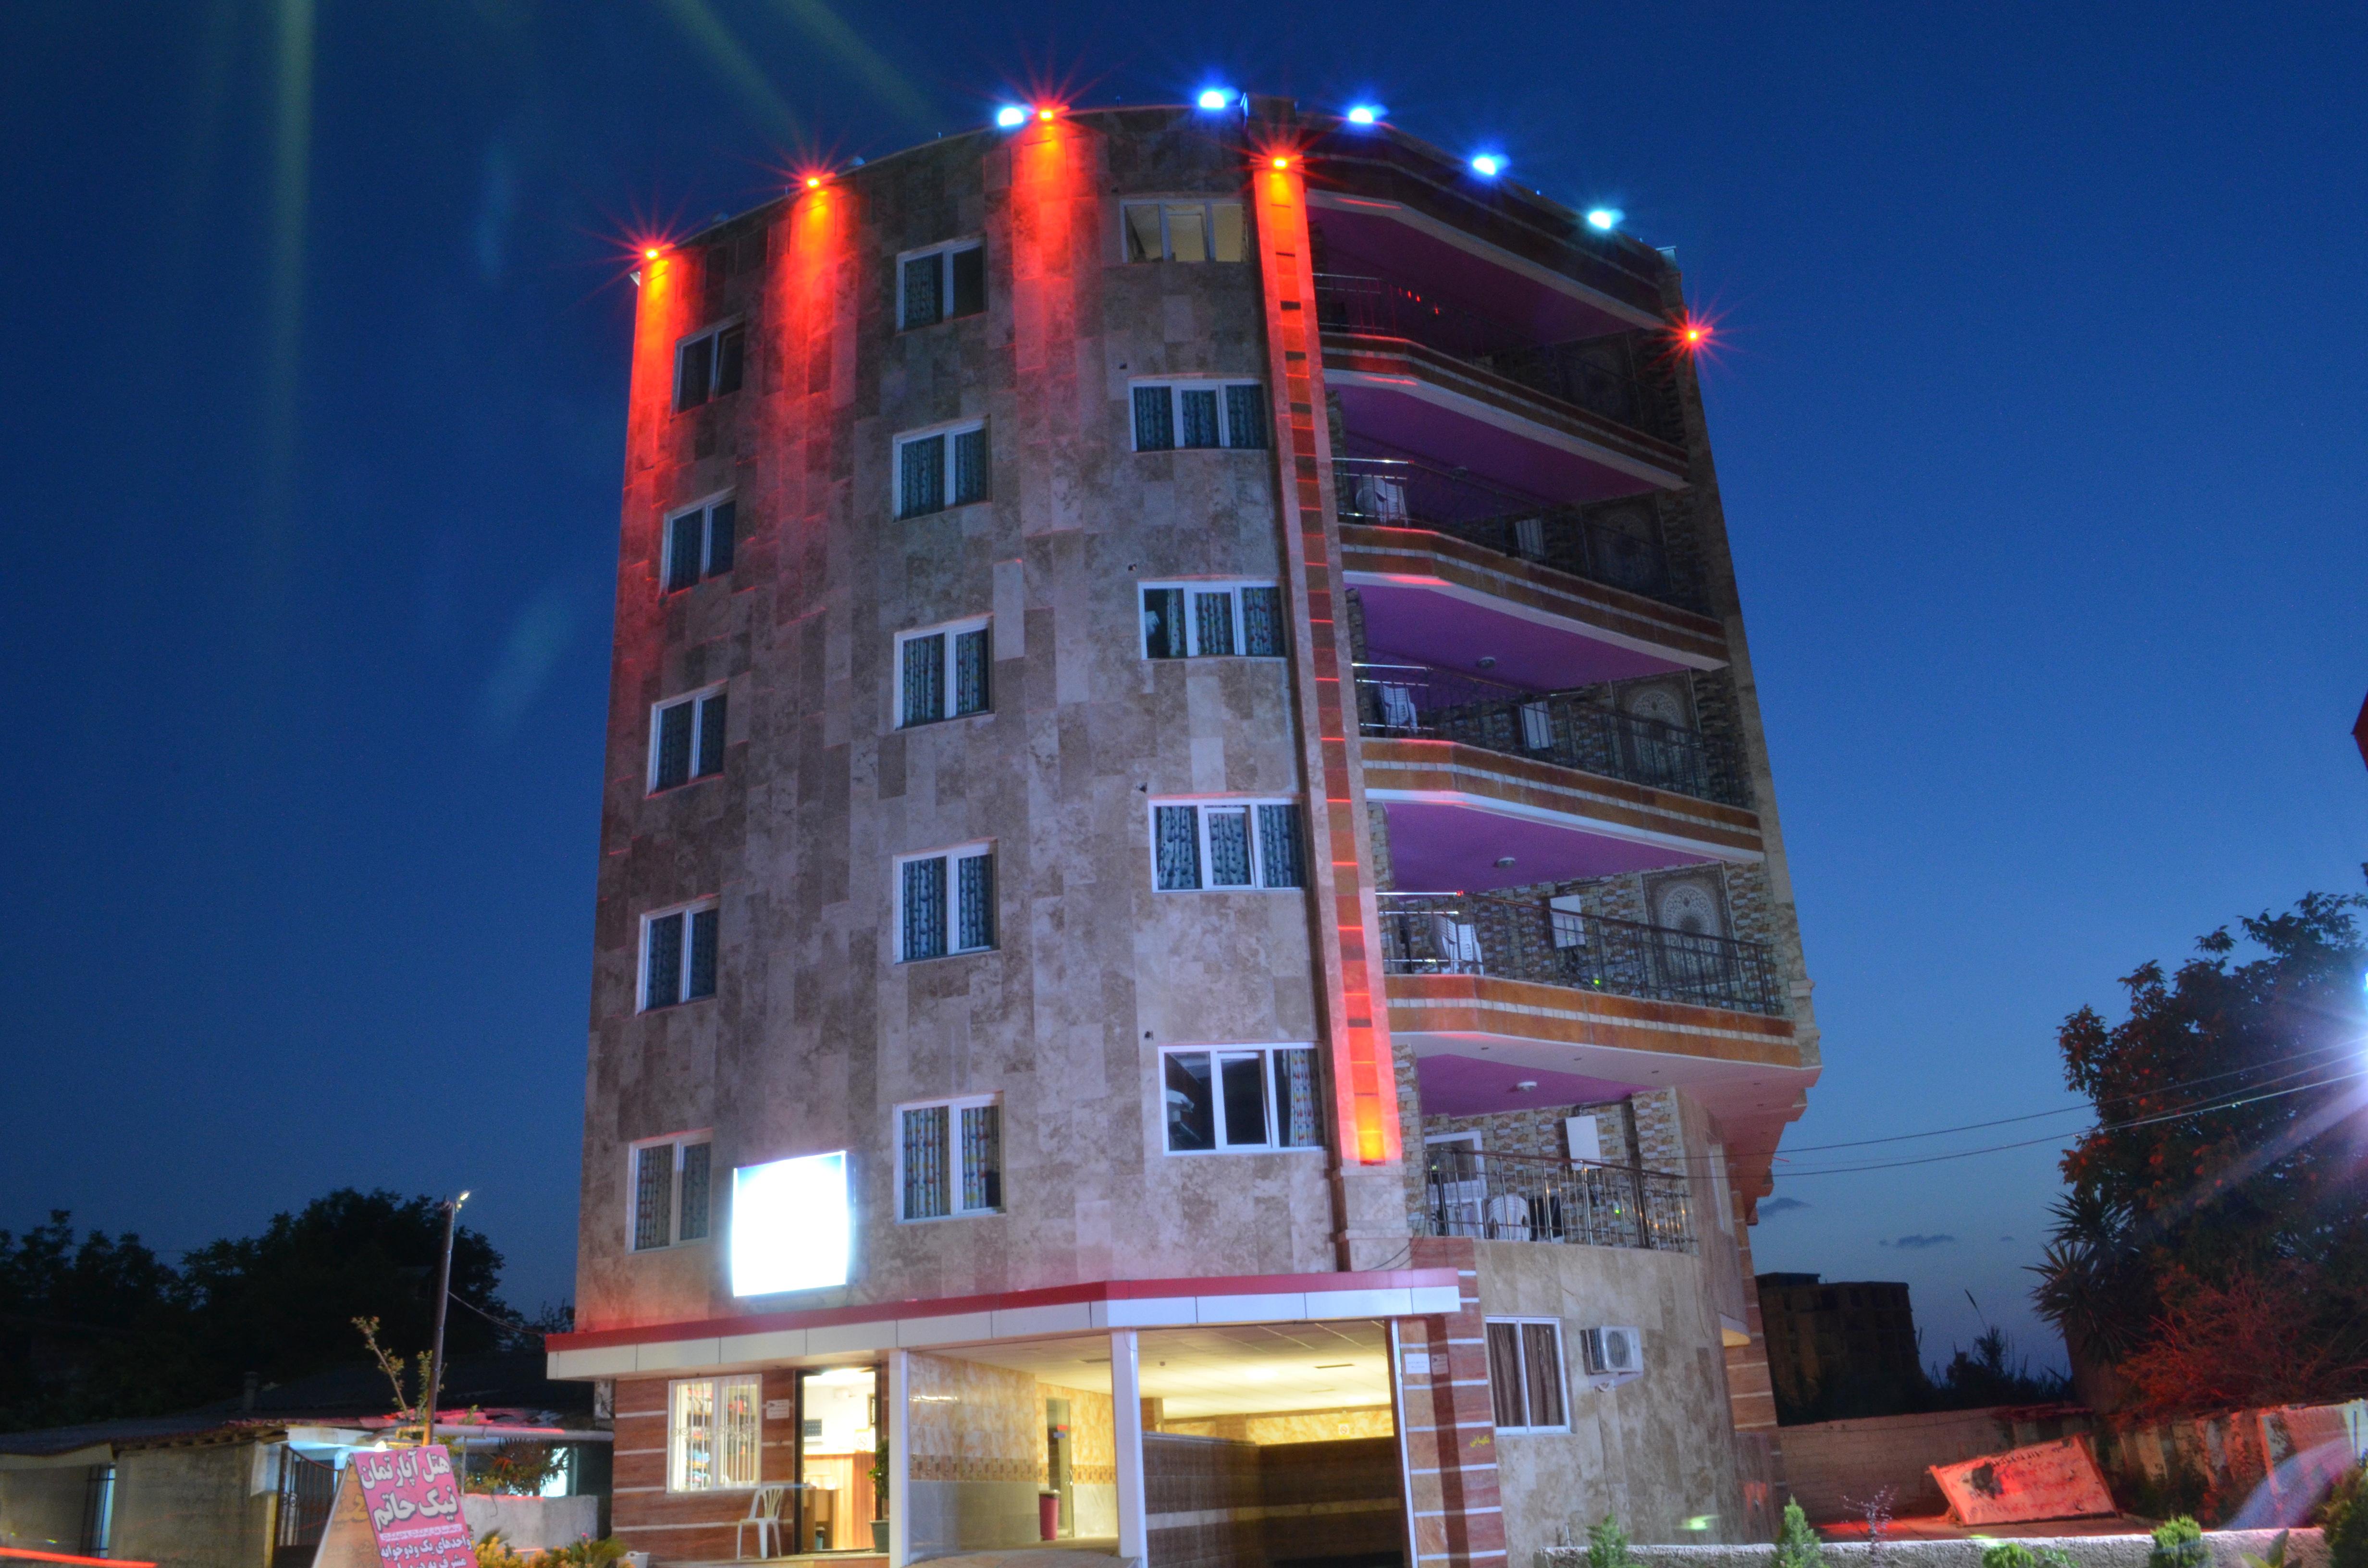 هتل اپارتمان چالوس نیک حاتم مازندران